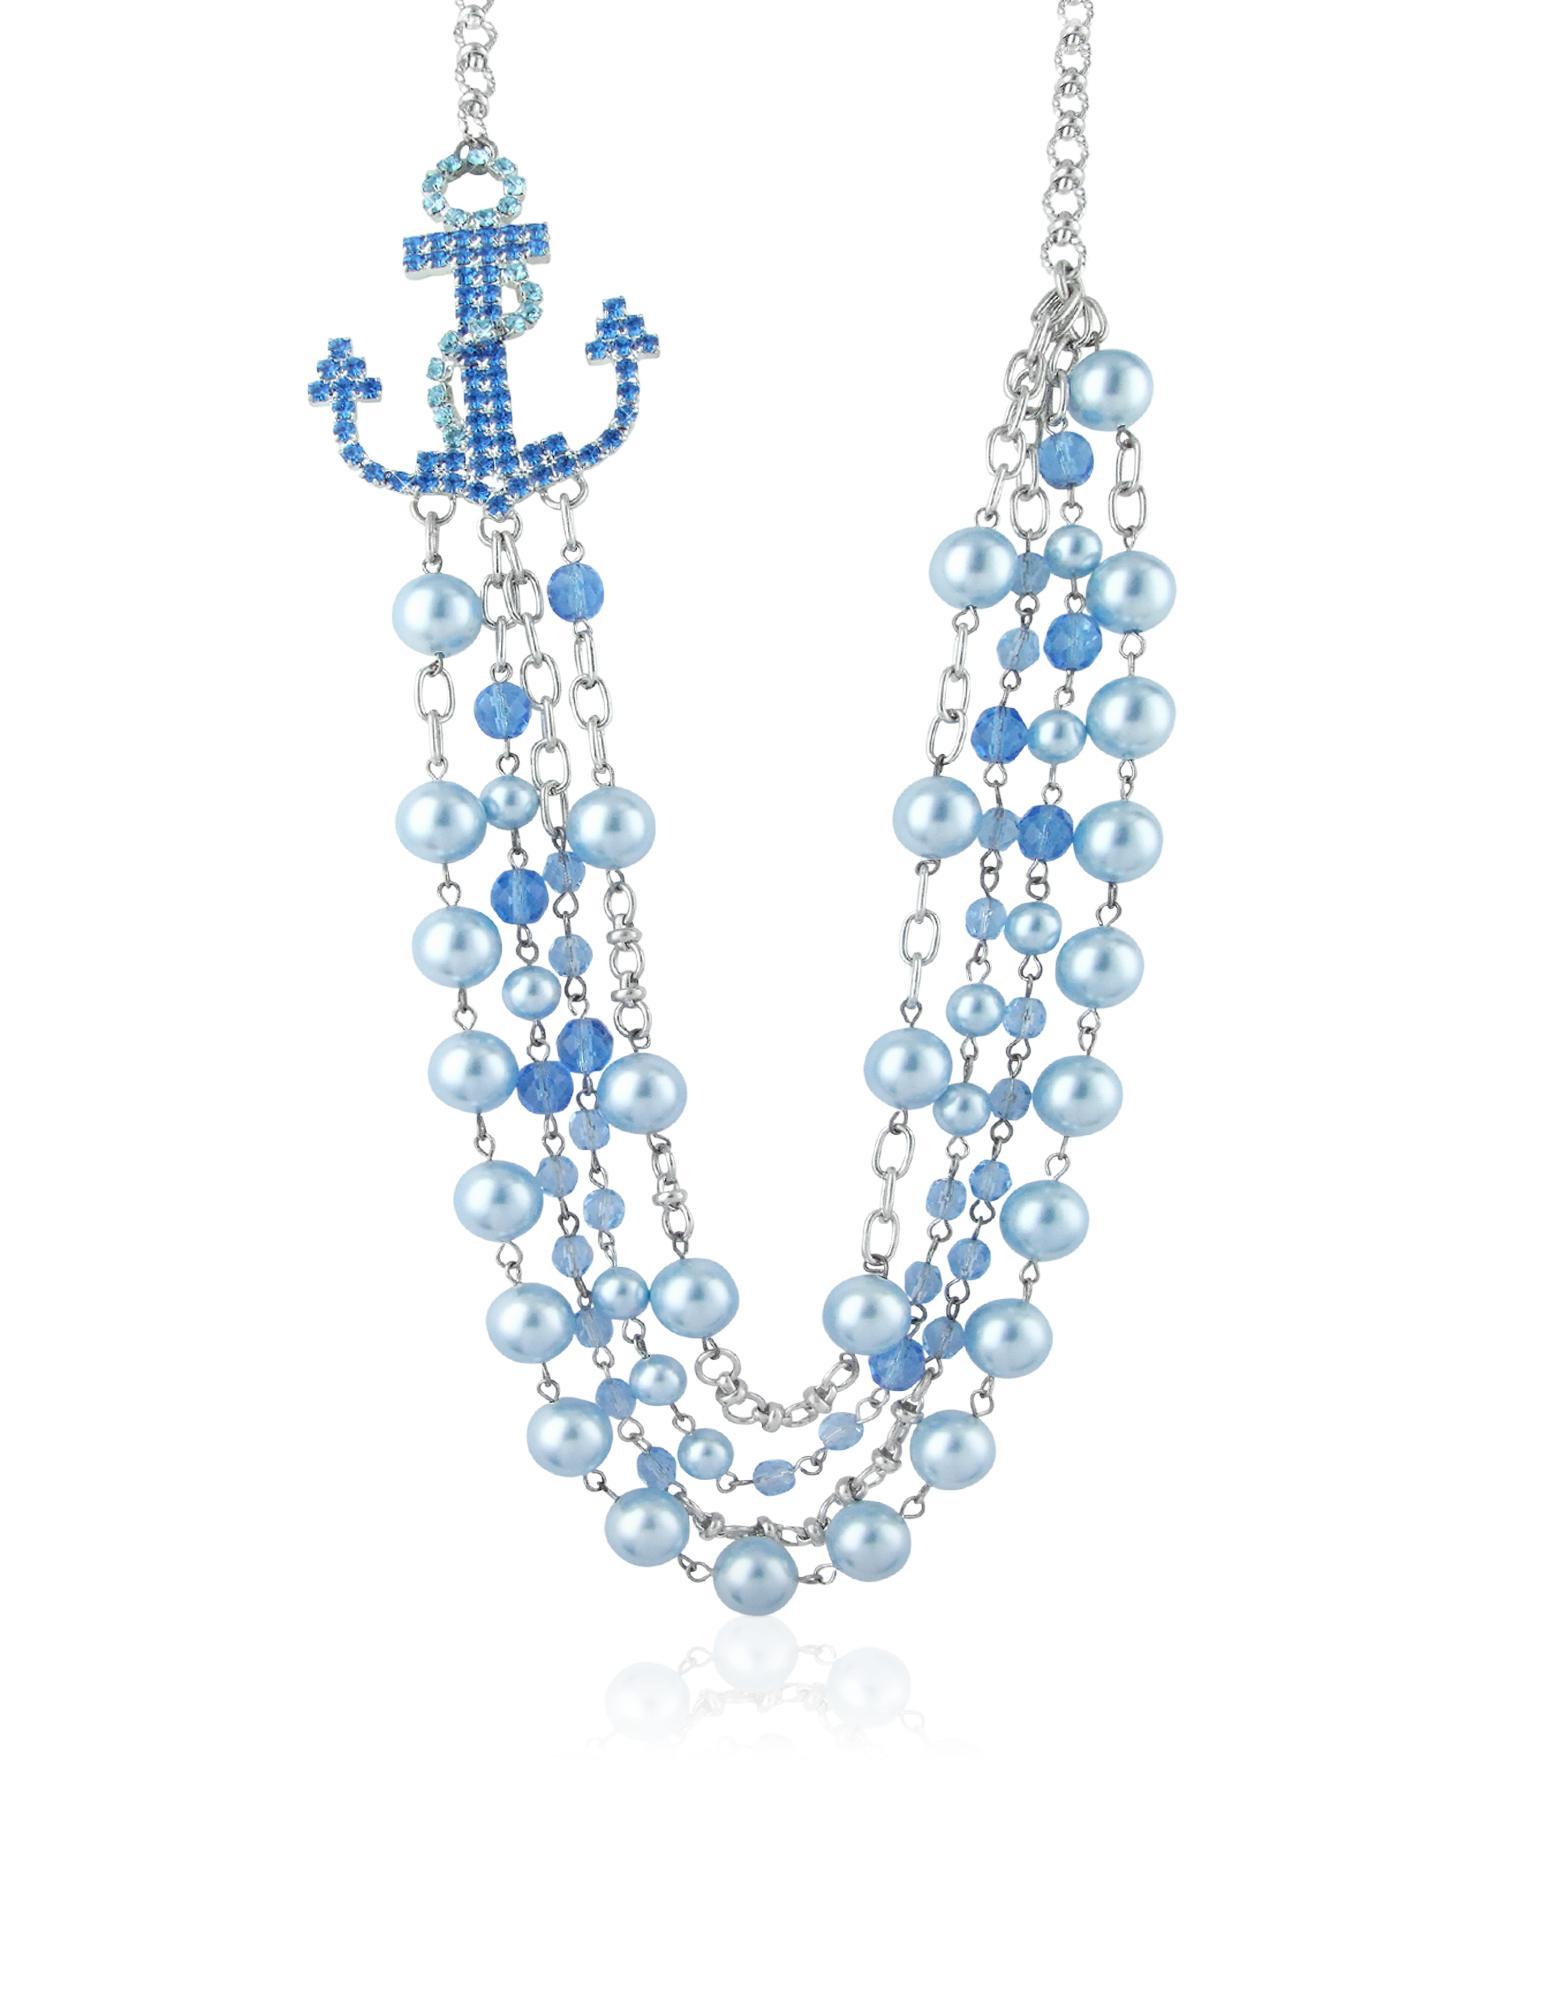 Ileana Creations Halskette mit blauem Anker und Perlen mit Swarovskisteinen besetzt